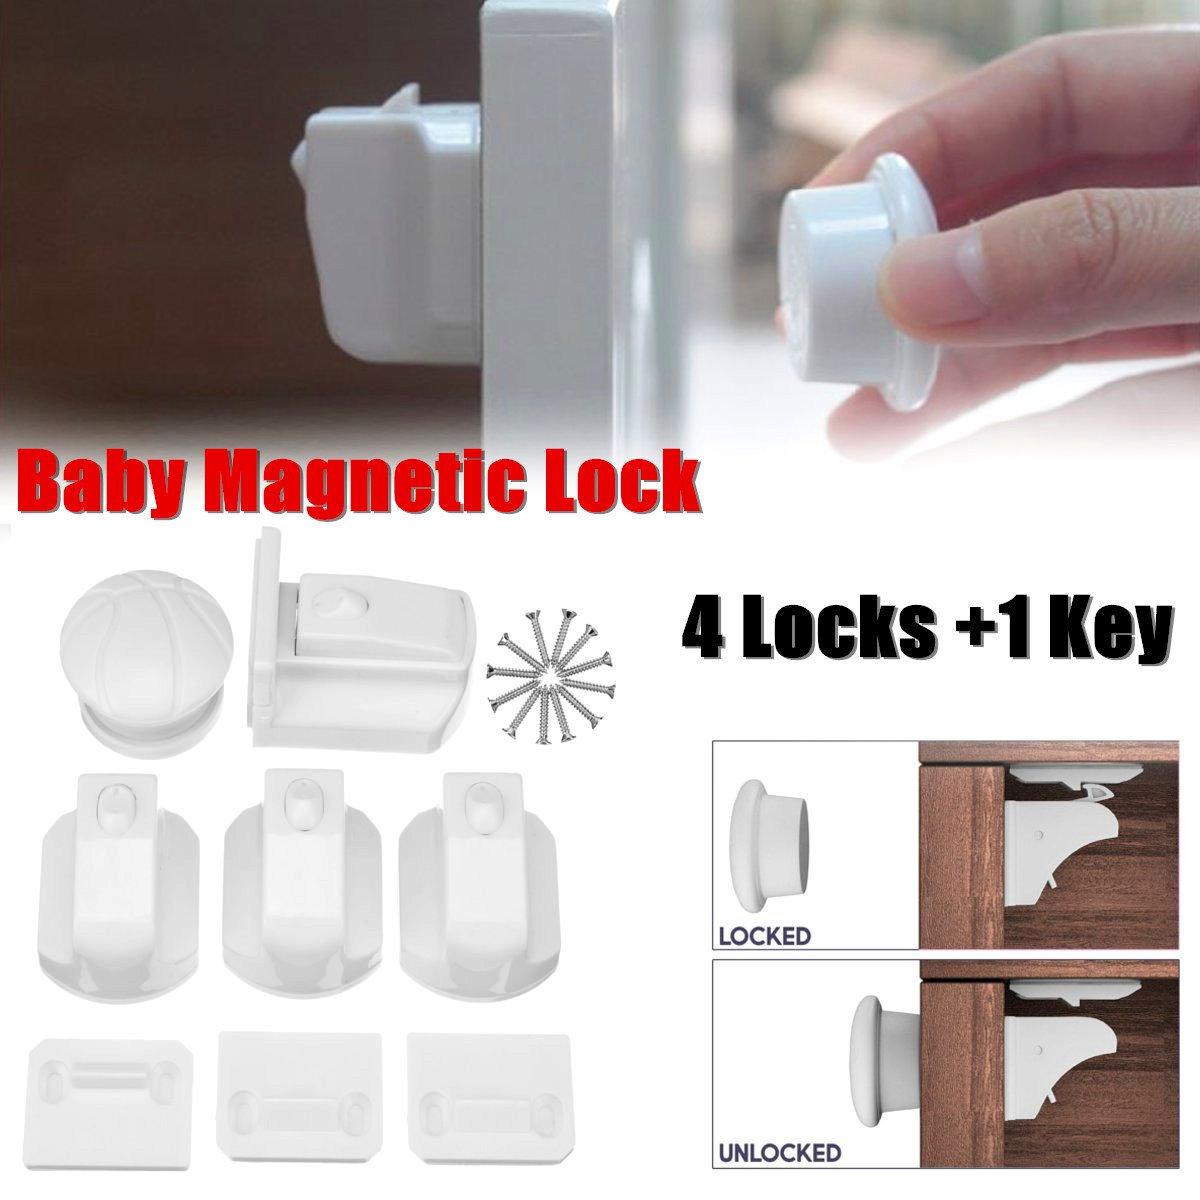 4 шт. Магнитный детский замок, детский шкафчик, безопасные замки, детский шкафчик с ящиком Armario, Шкафчики для безопасности, шкаф